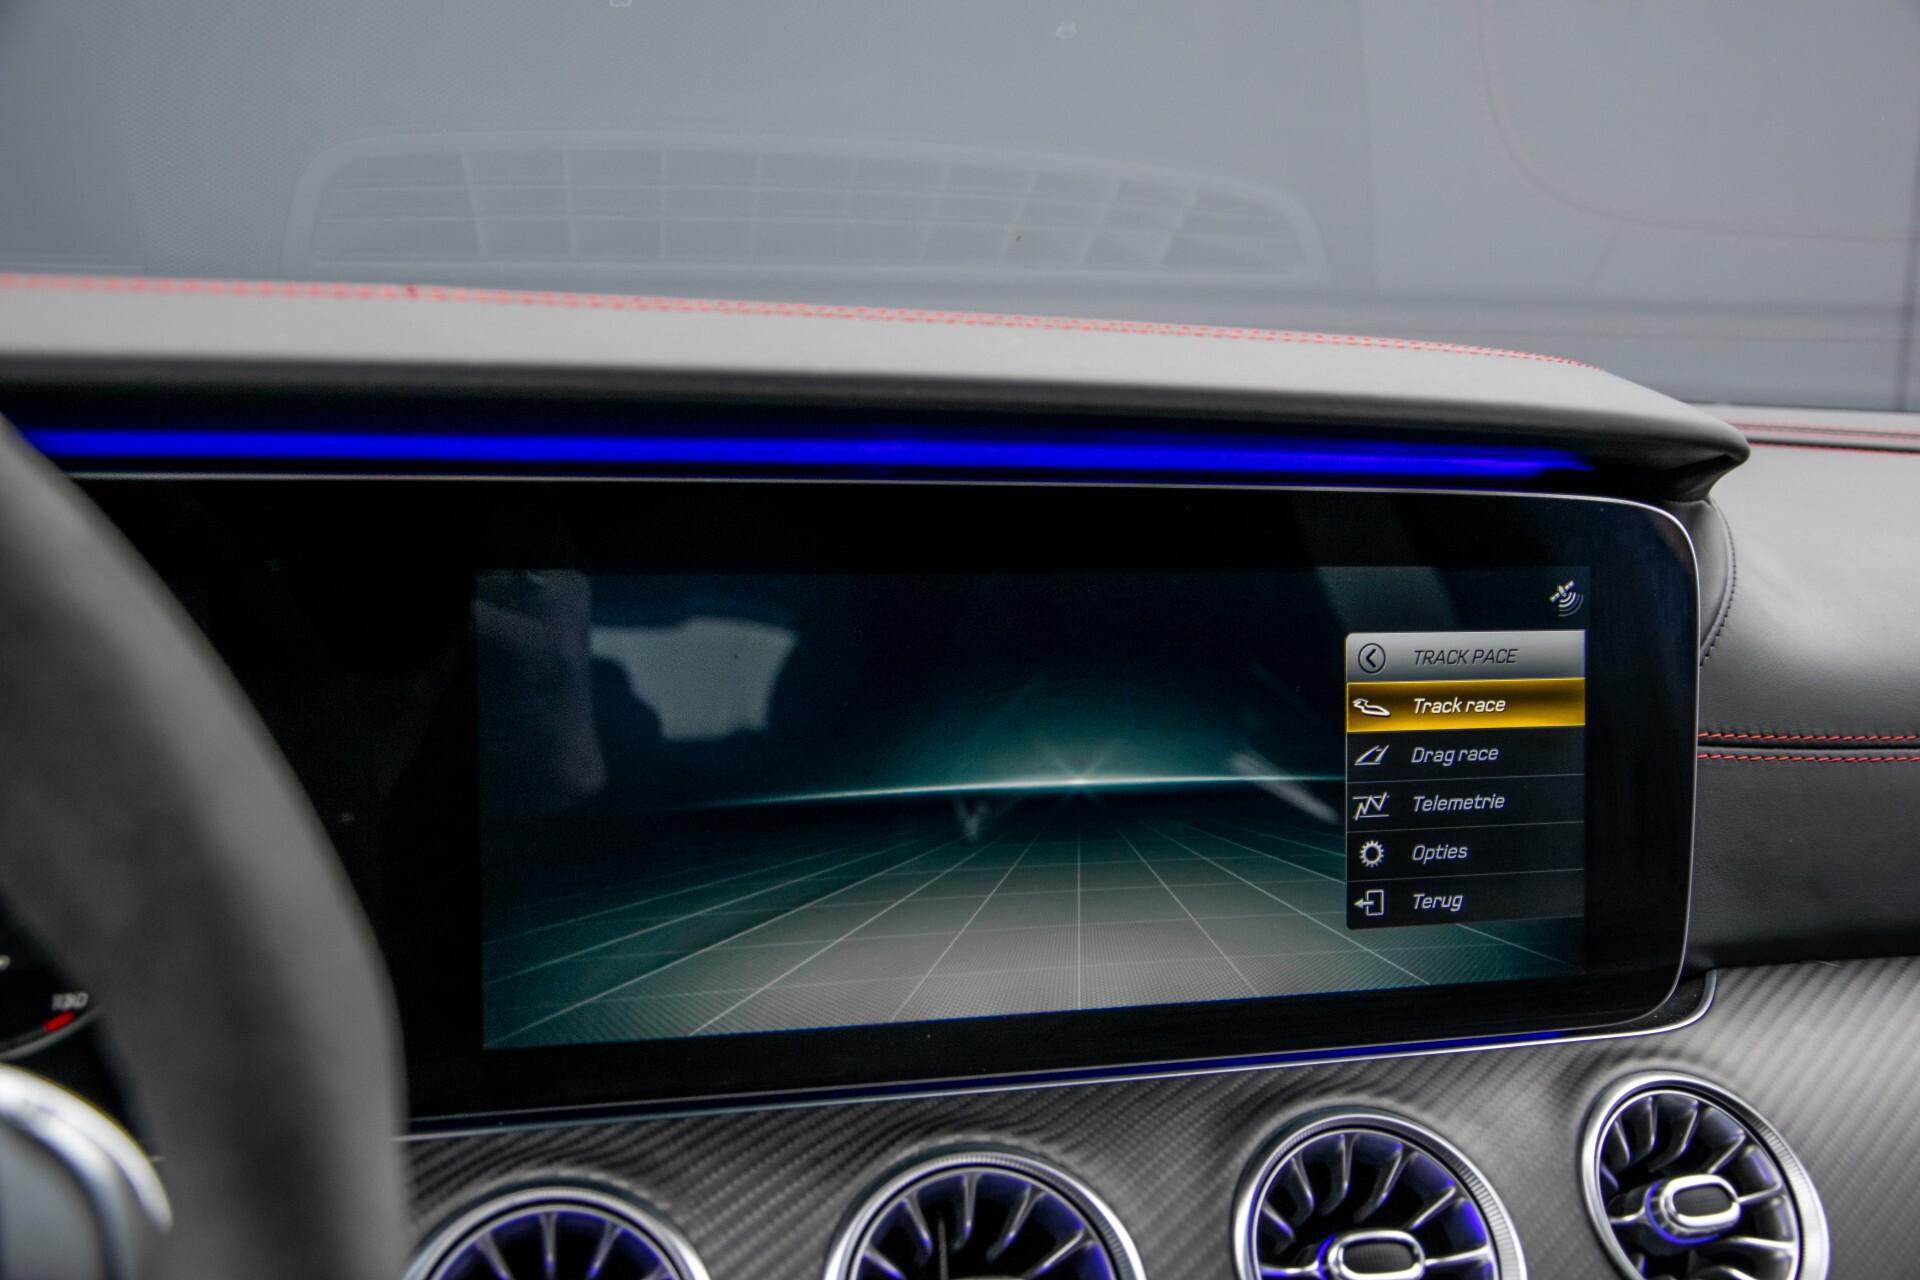 Mercedes-Benz AMG GT 4-Door Coupe 63 S 4M+ Keramisch/Full Carbon/Aerodynamica/Burmester 3D/TV/Performance stoelen/Standkachel Aut9 Foto 33